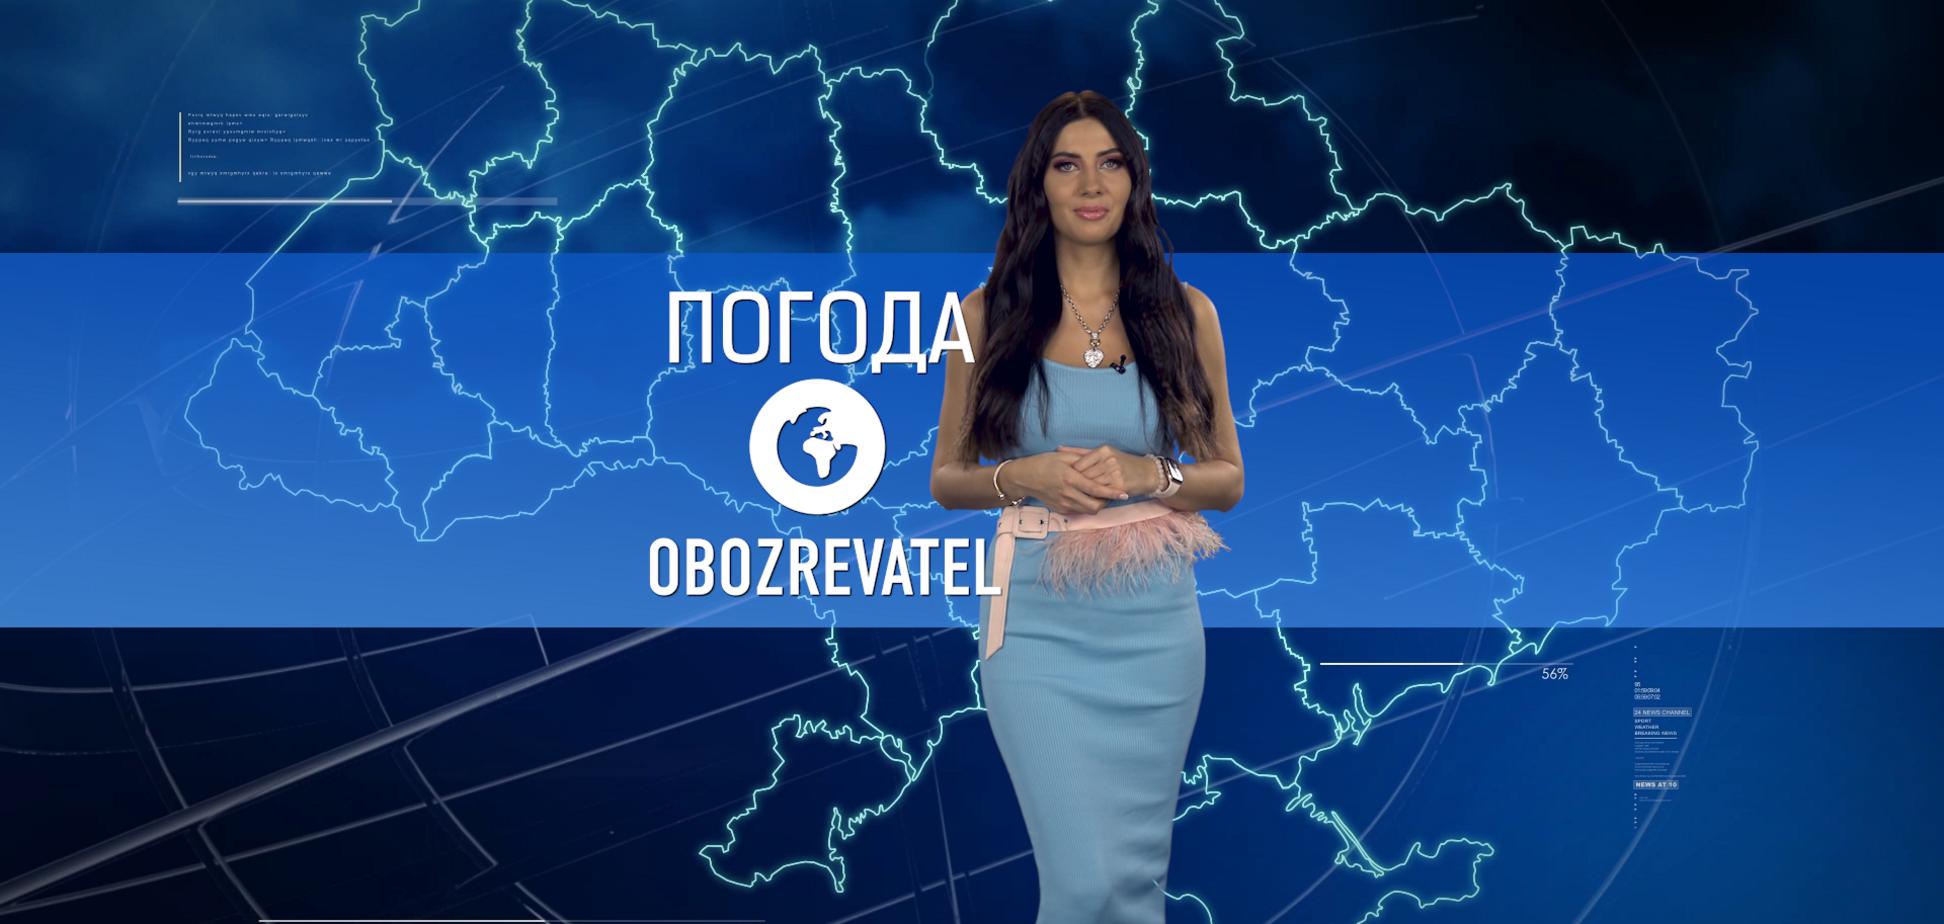 Прогноз погоди в Україні на середу 10 березня з Алісою Мярковською